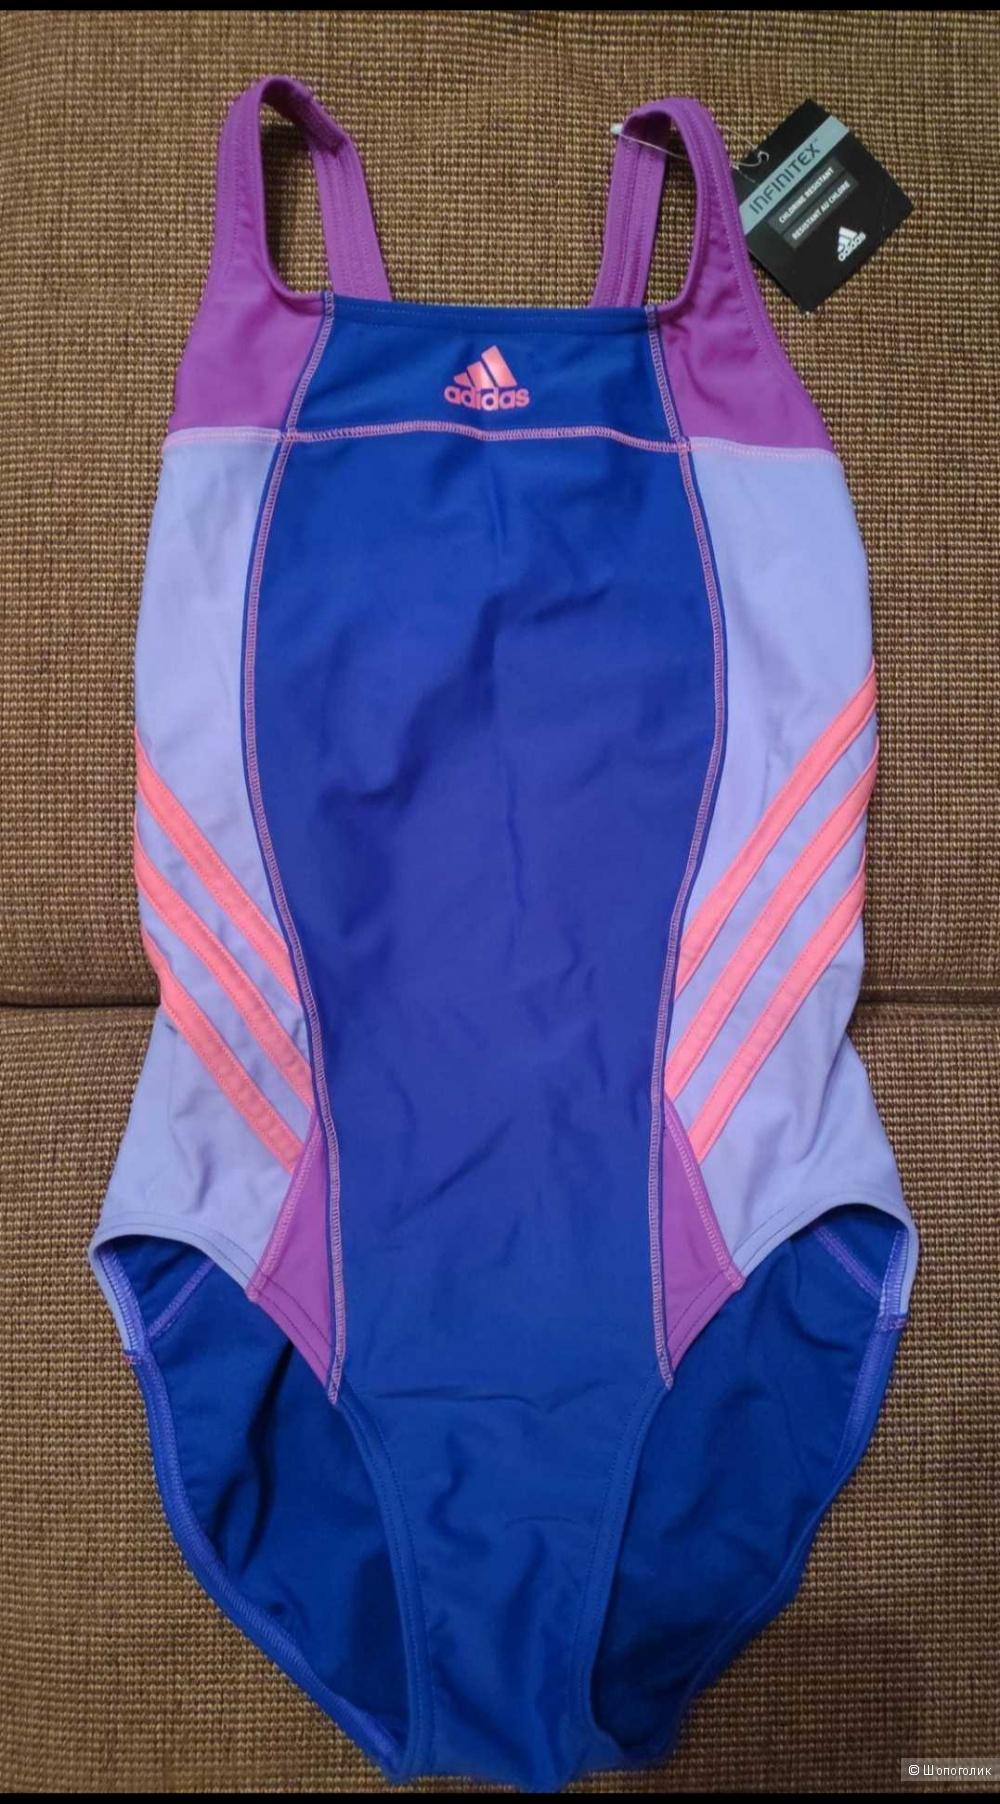 Слитный/совместный купальник Adidas 42-44 XS-S